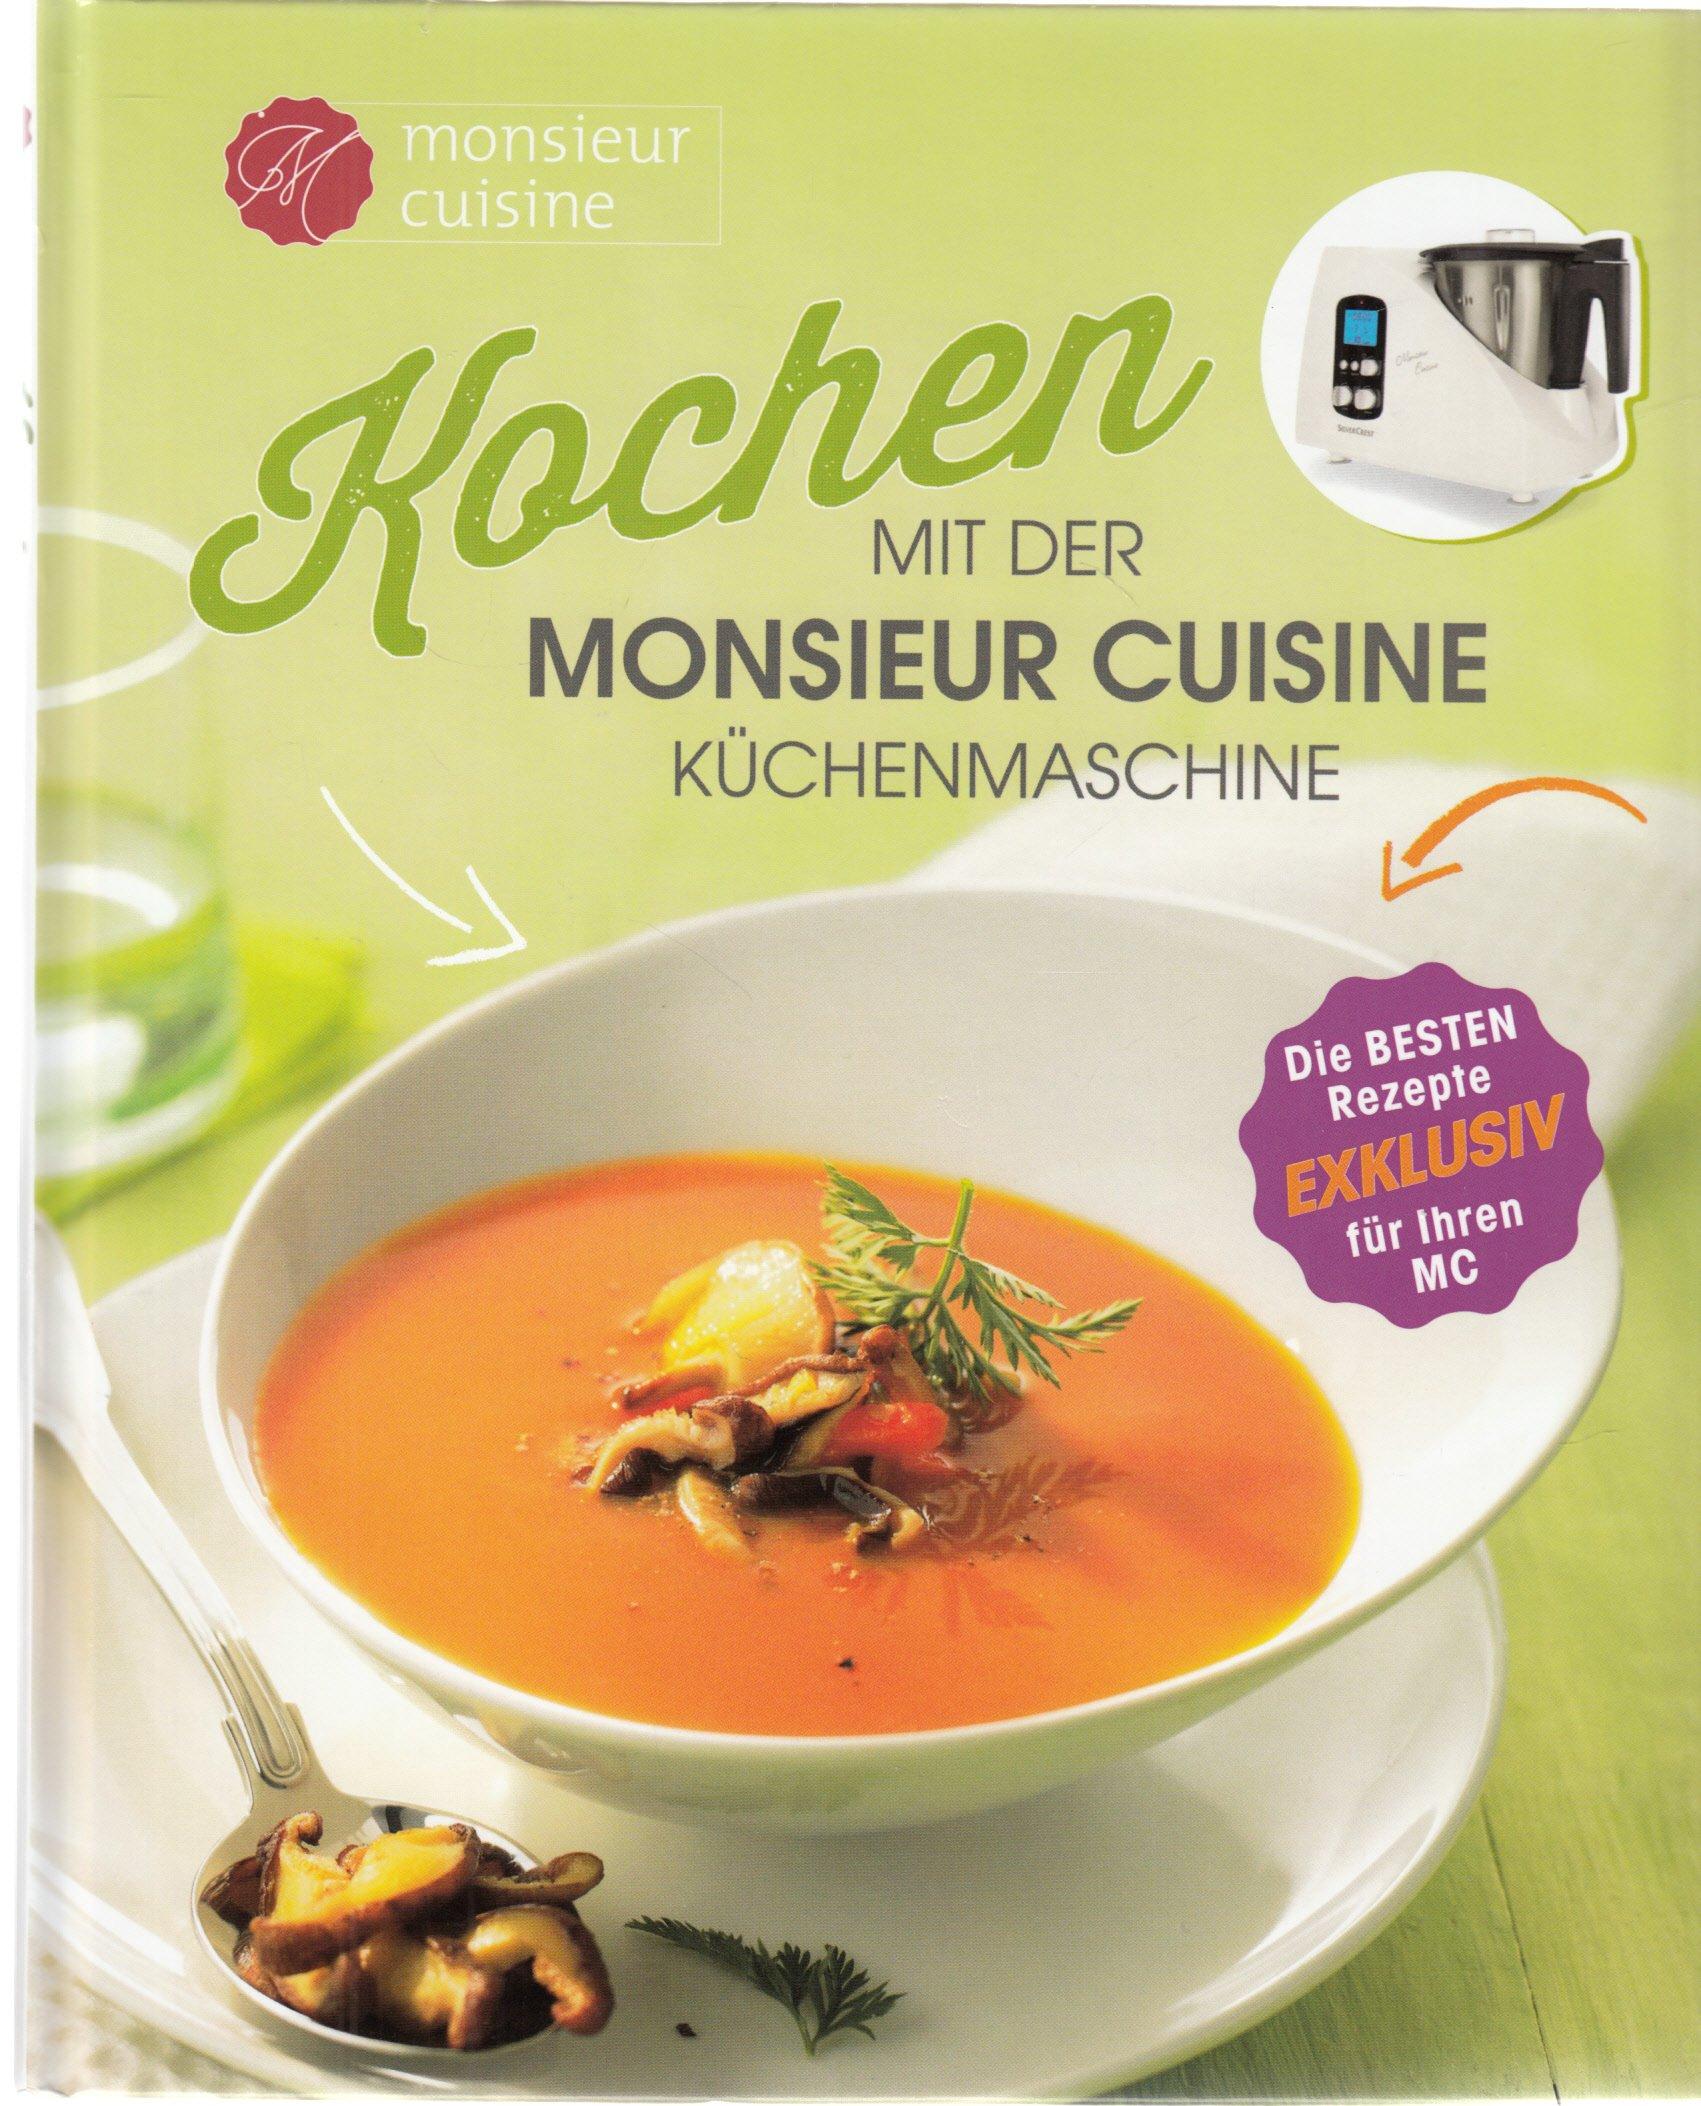 Kochen Mit Der Monsieur Cuisine Kuchenmaschine Amazon De Monsieur